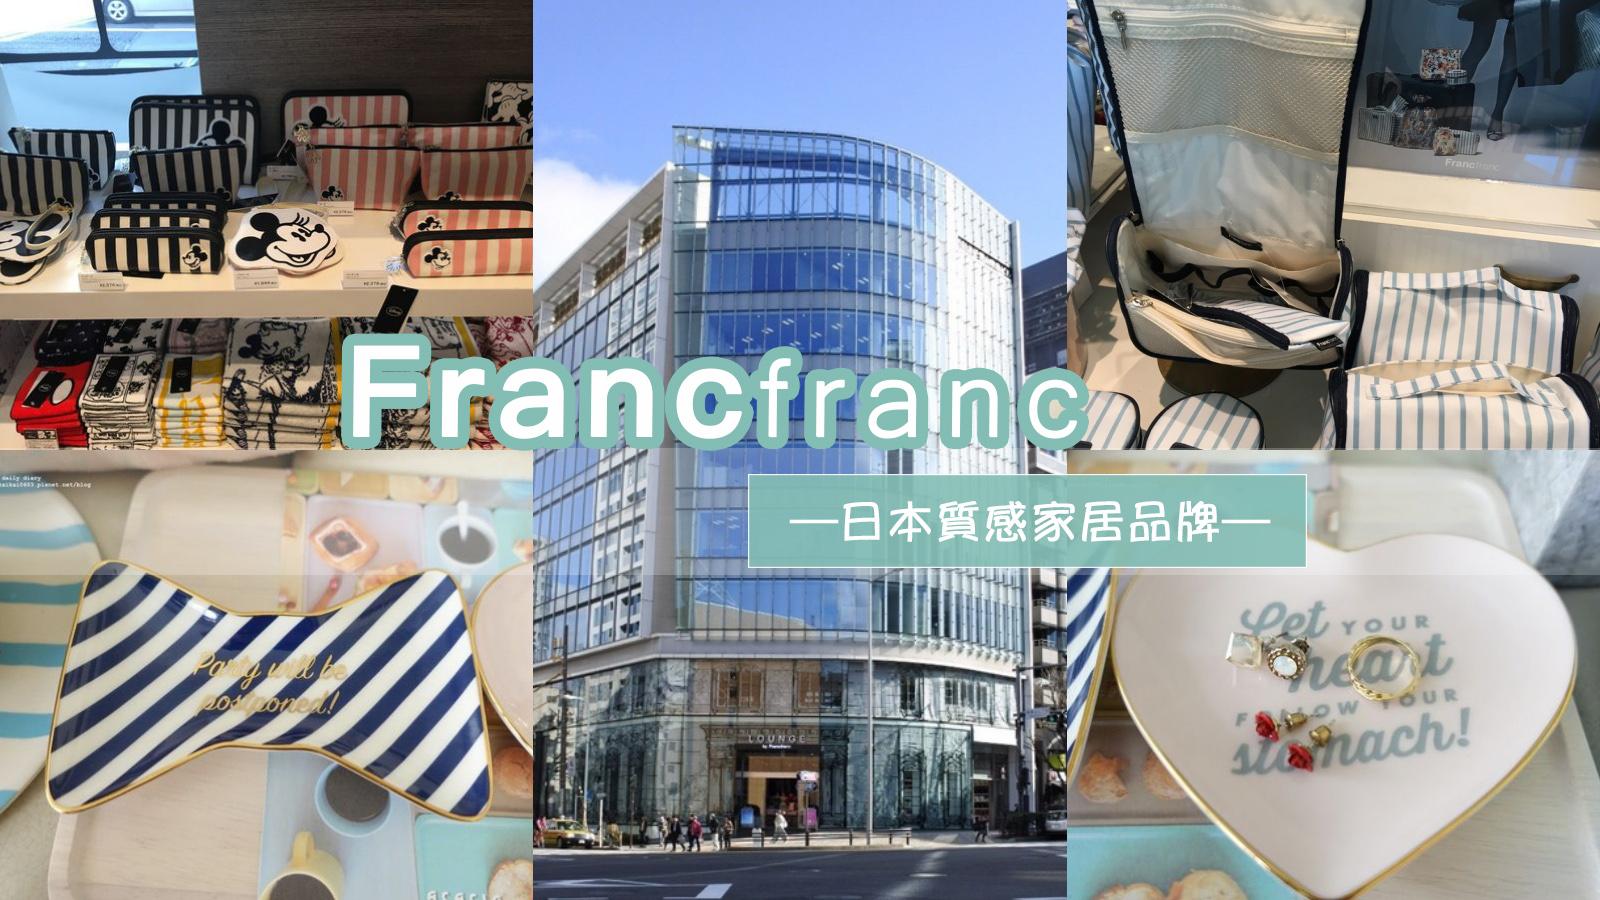 【日本】低價位、高質感的居家雜貨天堂:Francfranc南青山旗艦店 @凱的日本食尚日記